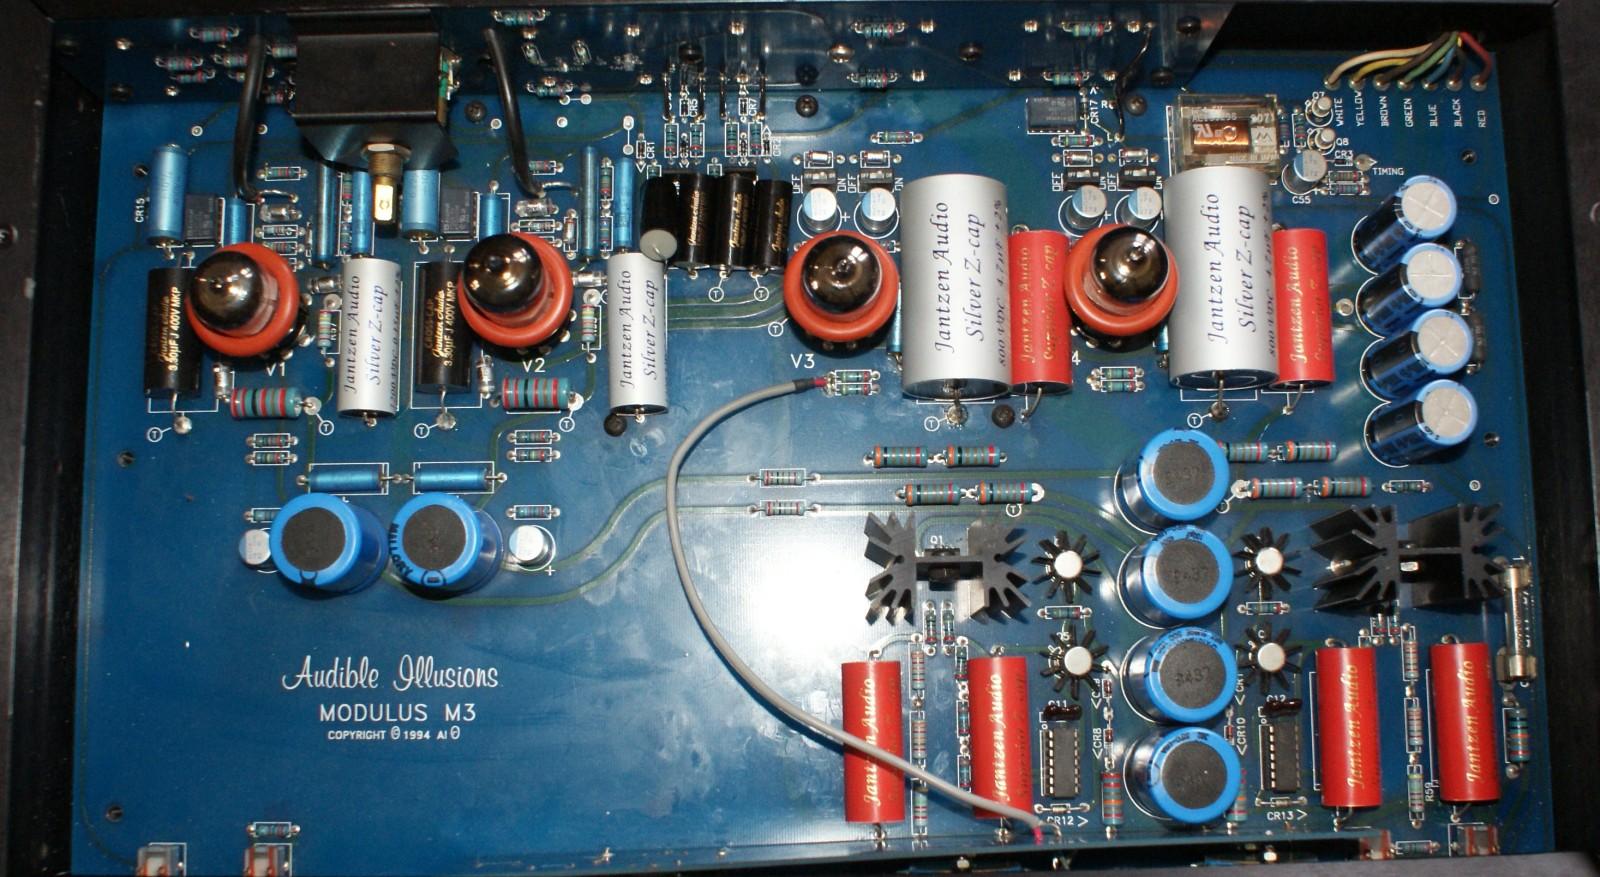 Cambiar condensadores de salida para válvula 300B - Página 2 2dv6fk1